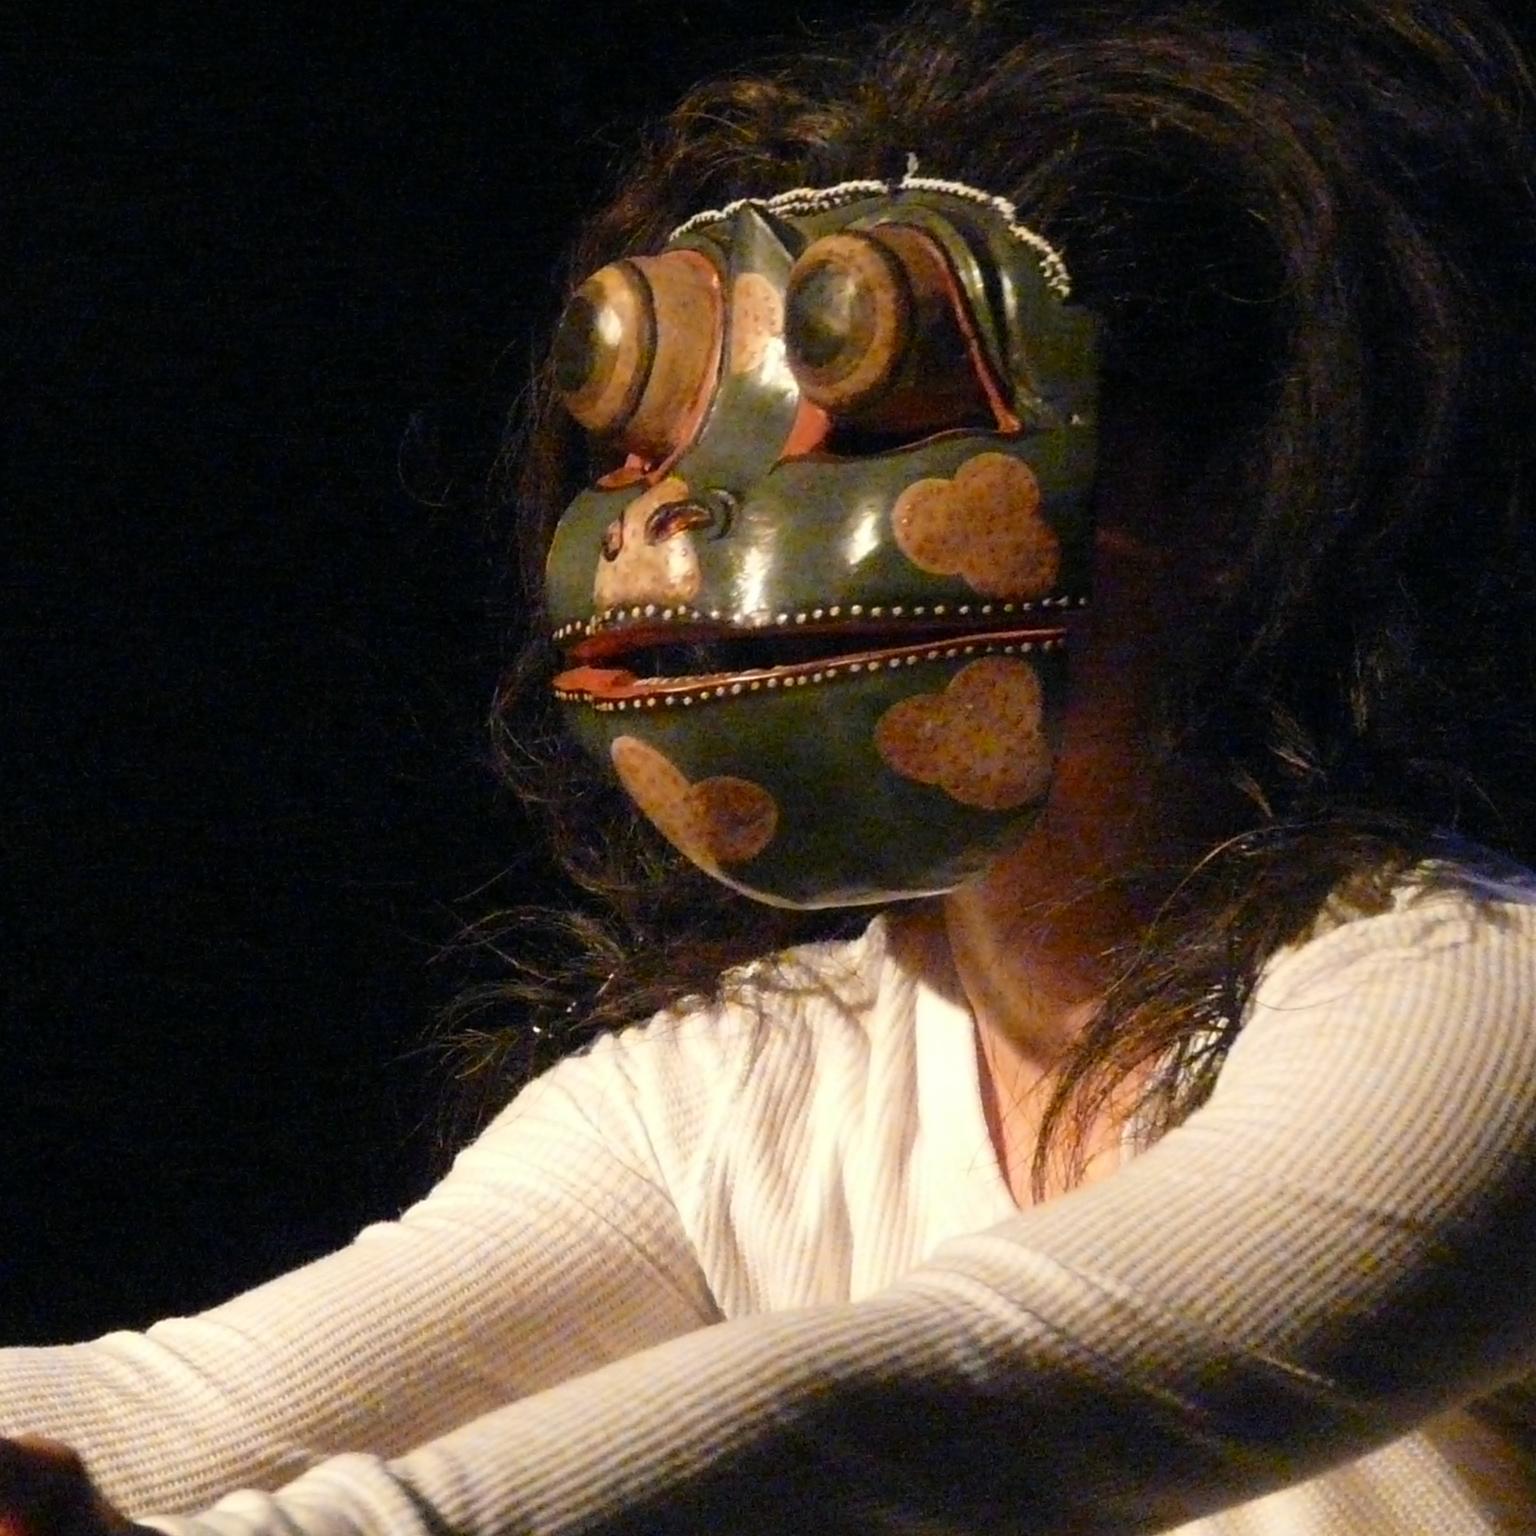 maschera angela delfini clown rana